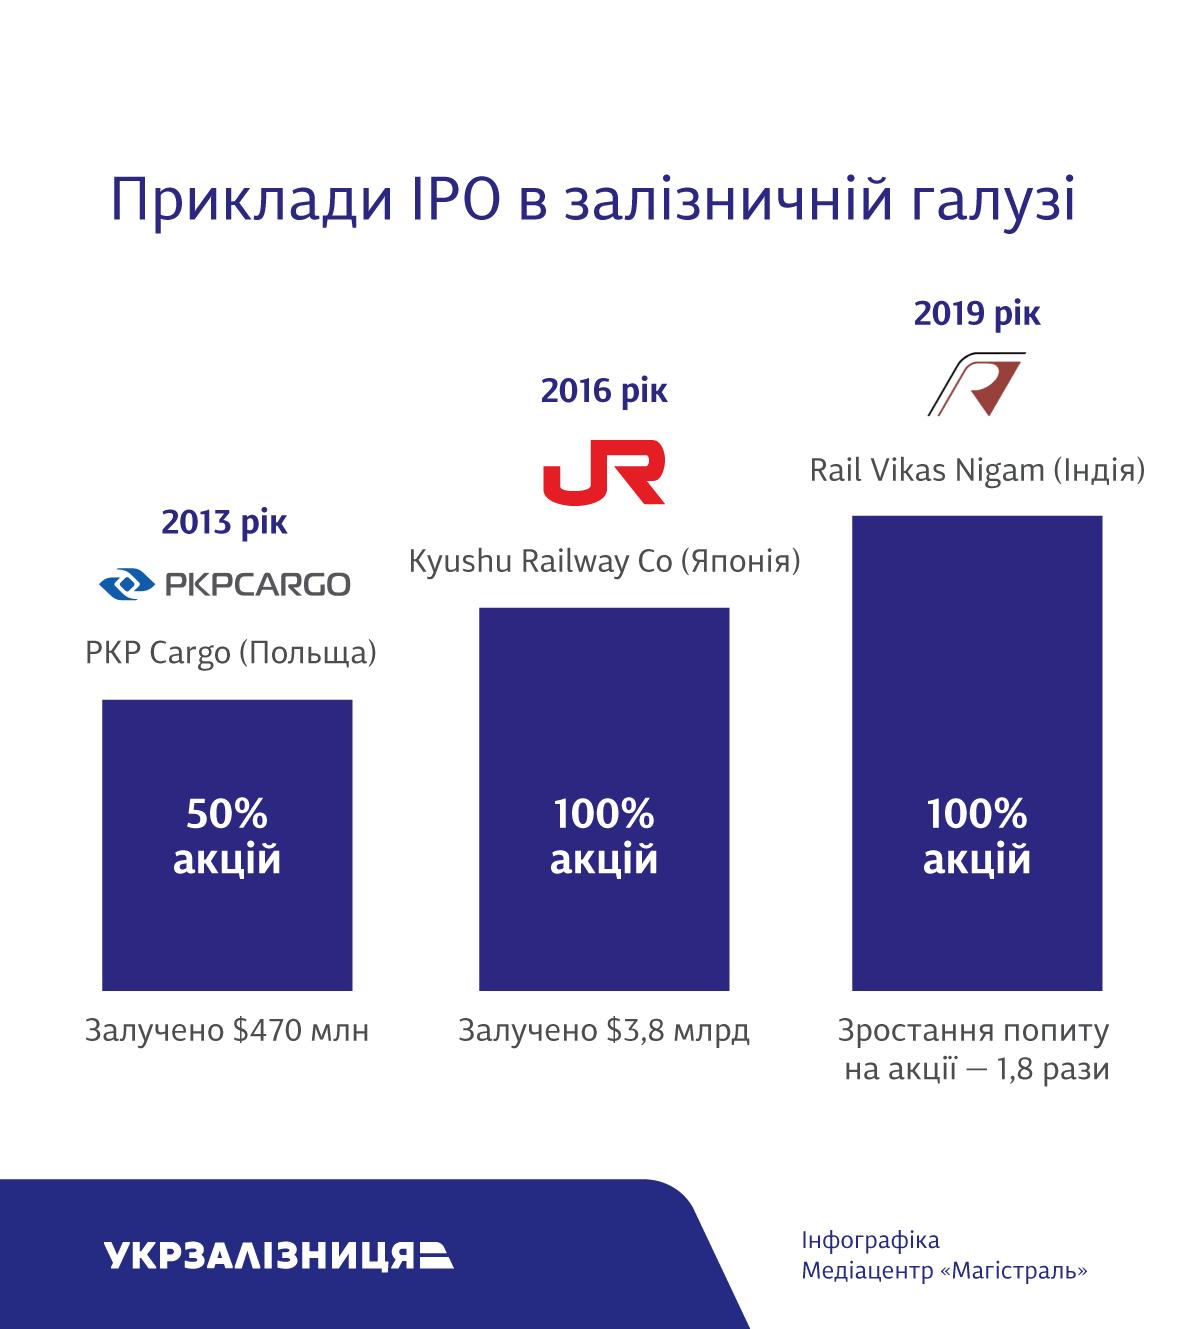 Укрзалізниця IPO_1